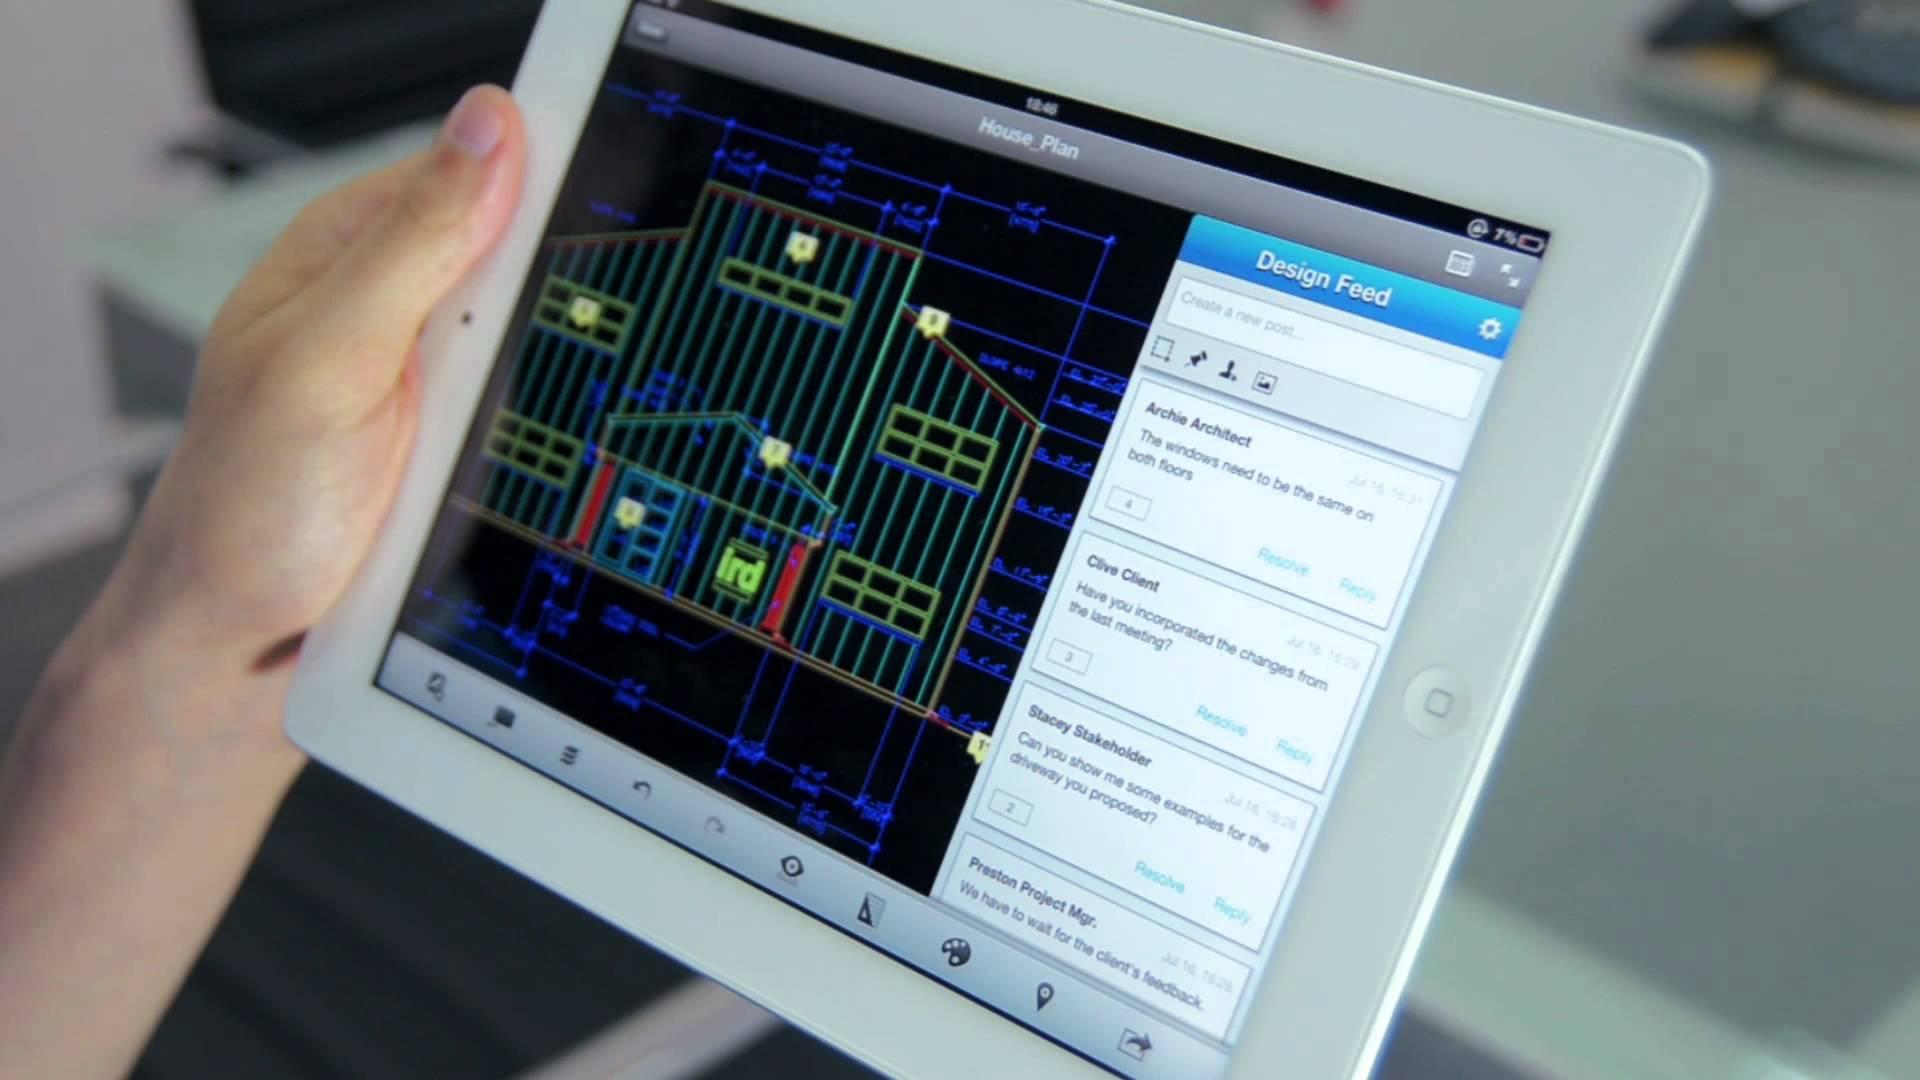 Autocad 360 se actualiza y pasa a ser aplicaci n universal for App para planos